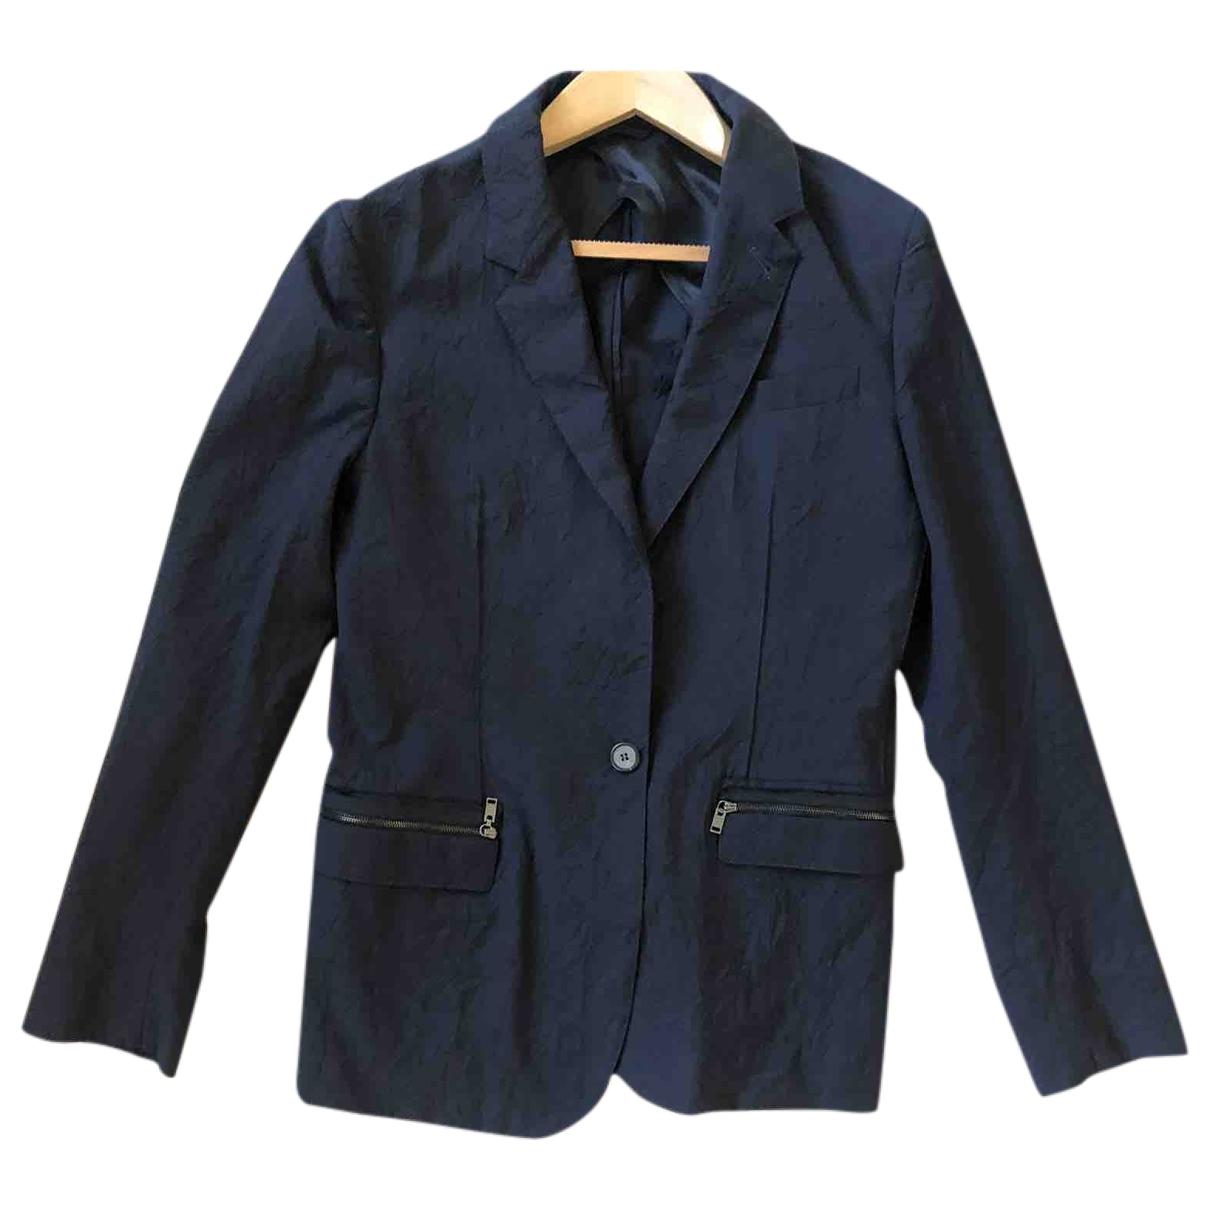 Lanvin \N Black jacket  for Men M International